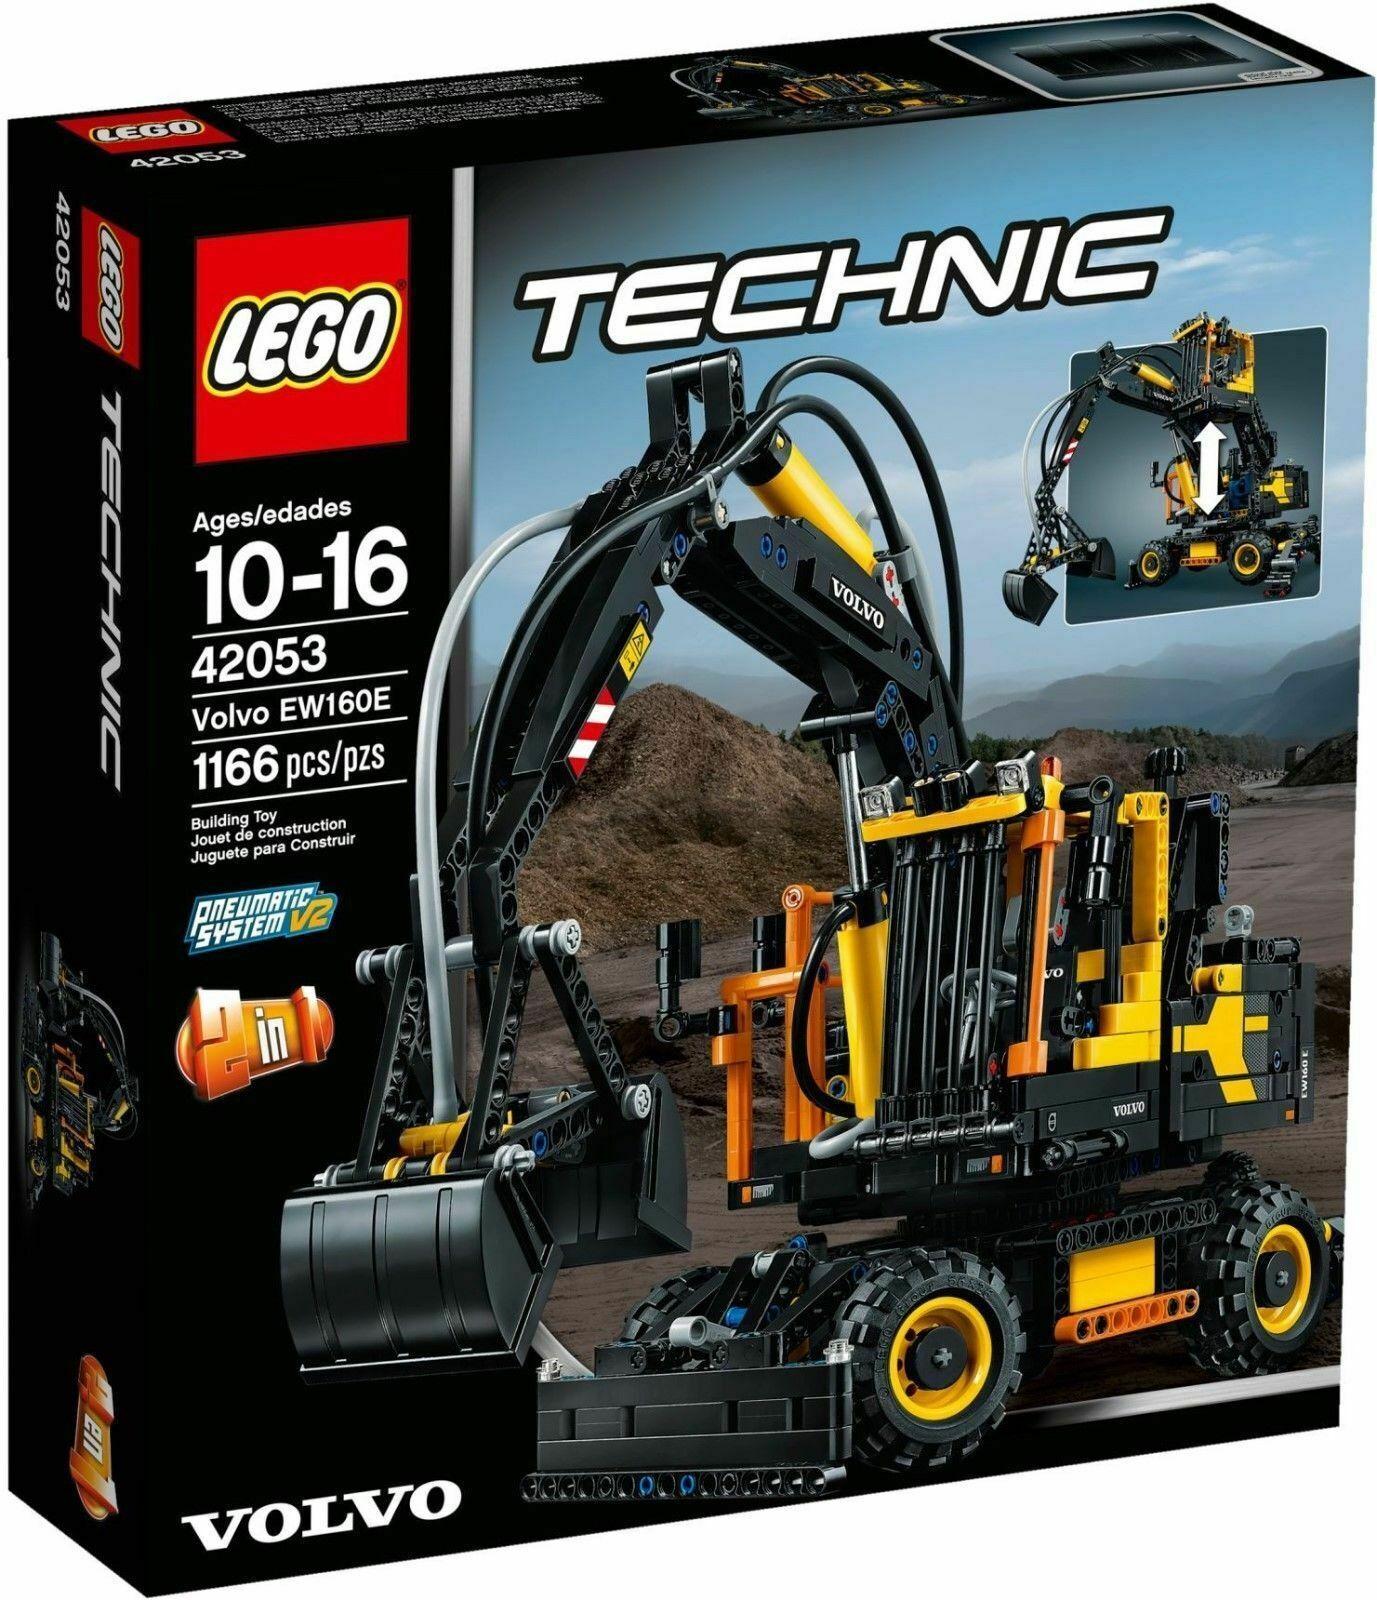 Lego Technic 42053 Volvo Excavator EW160E